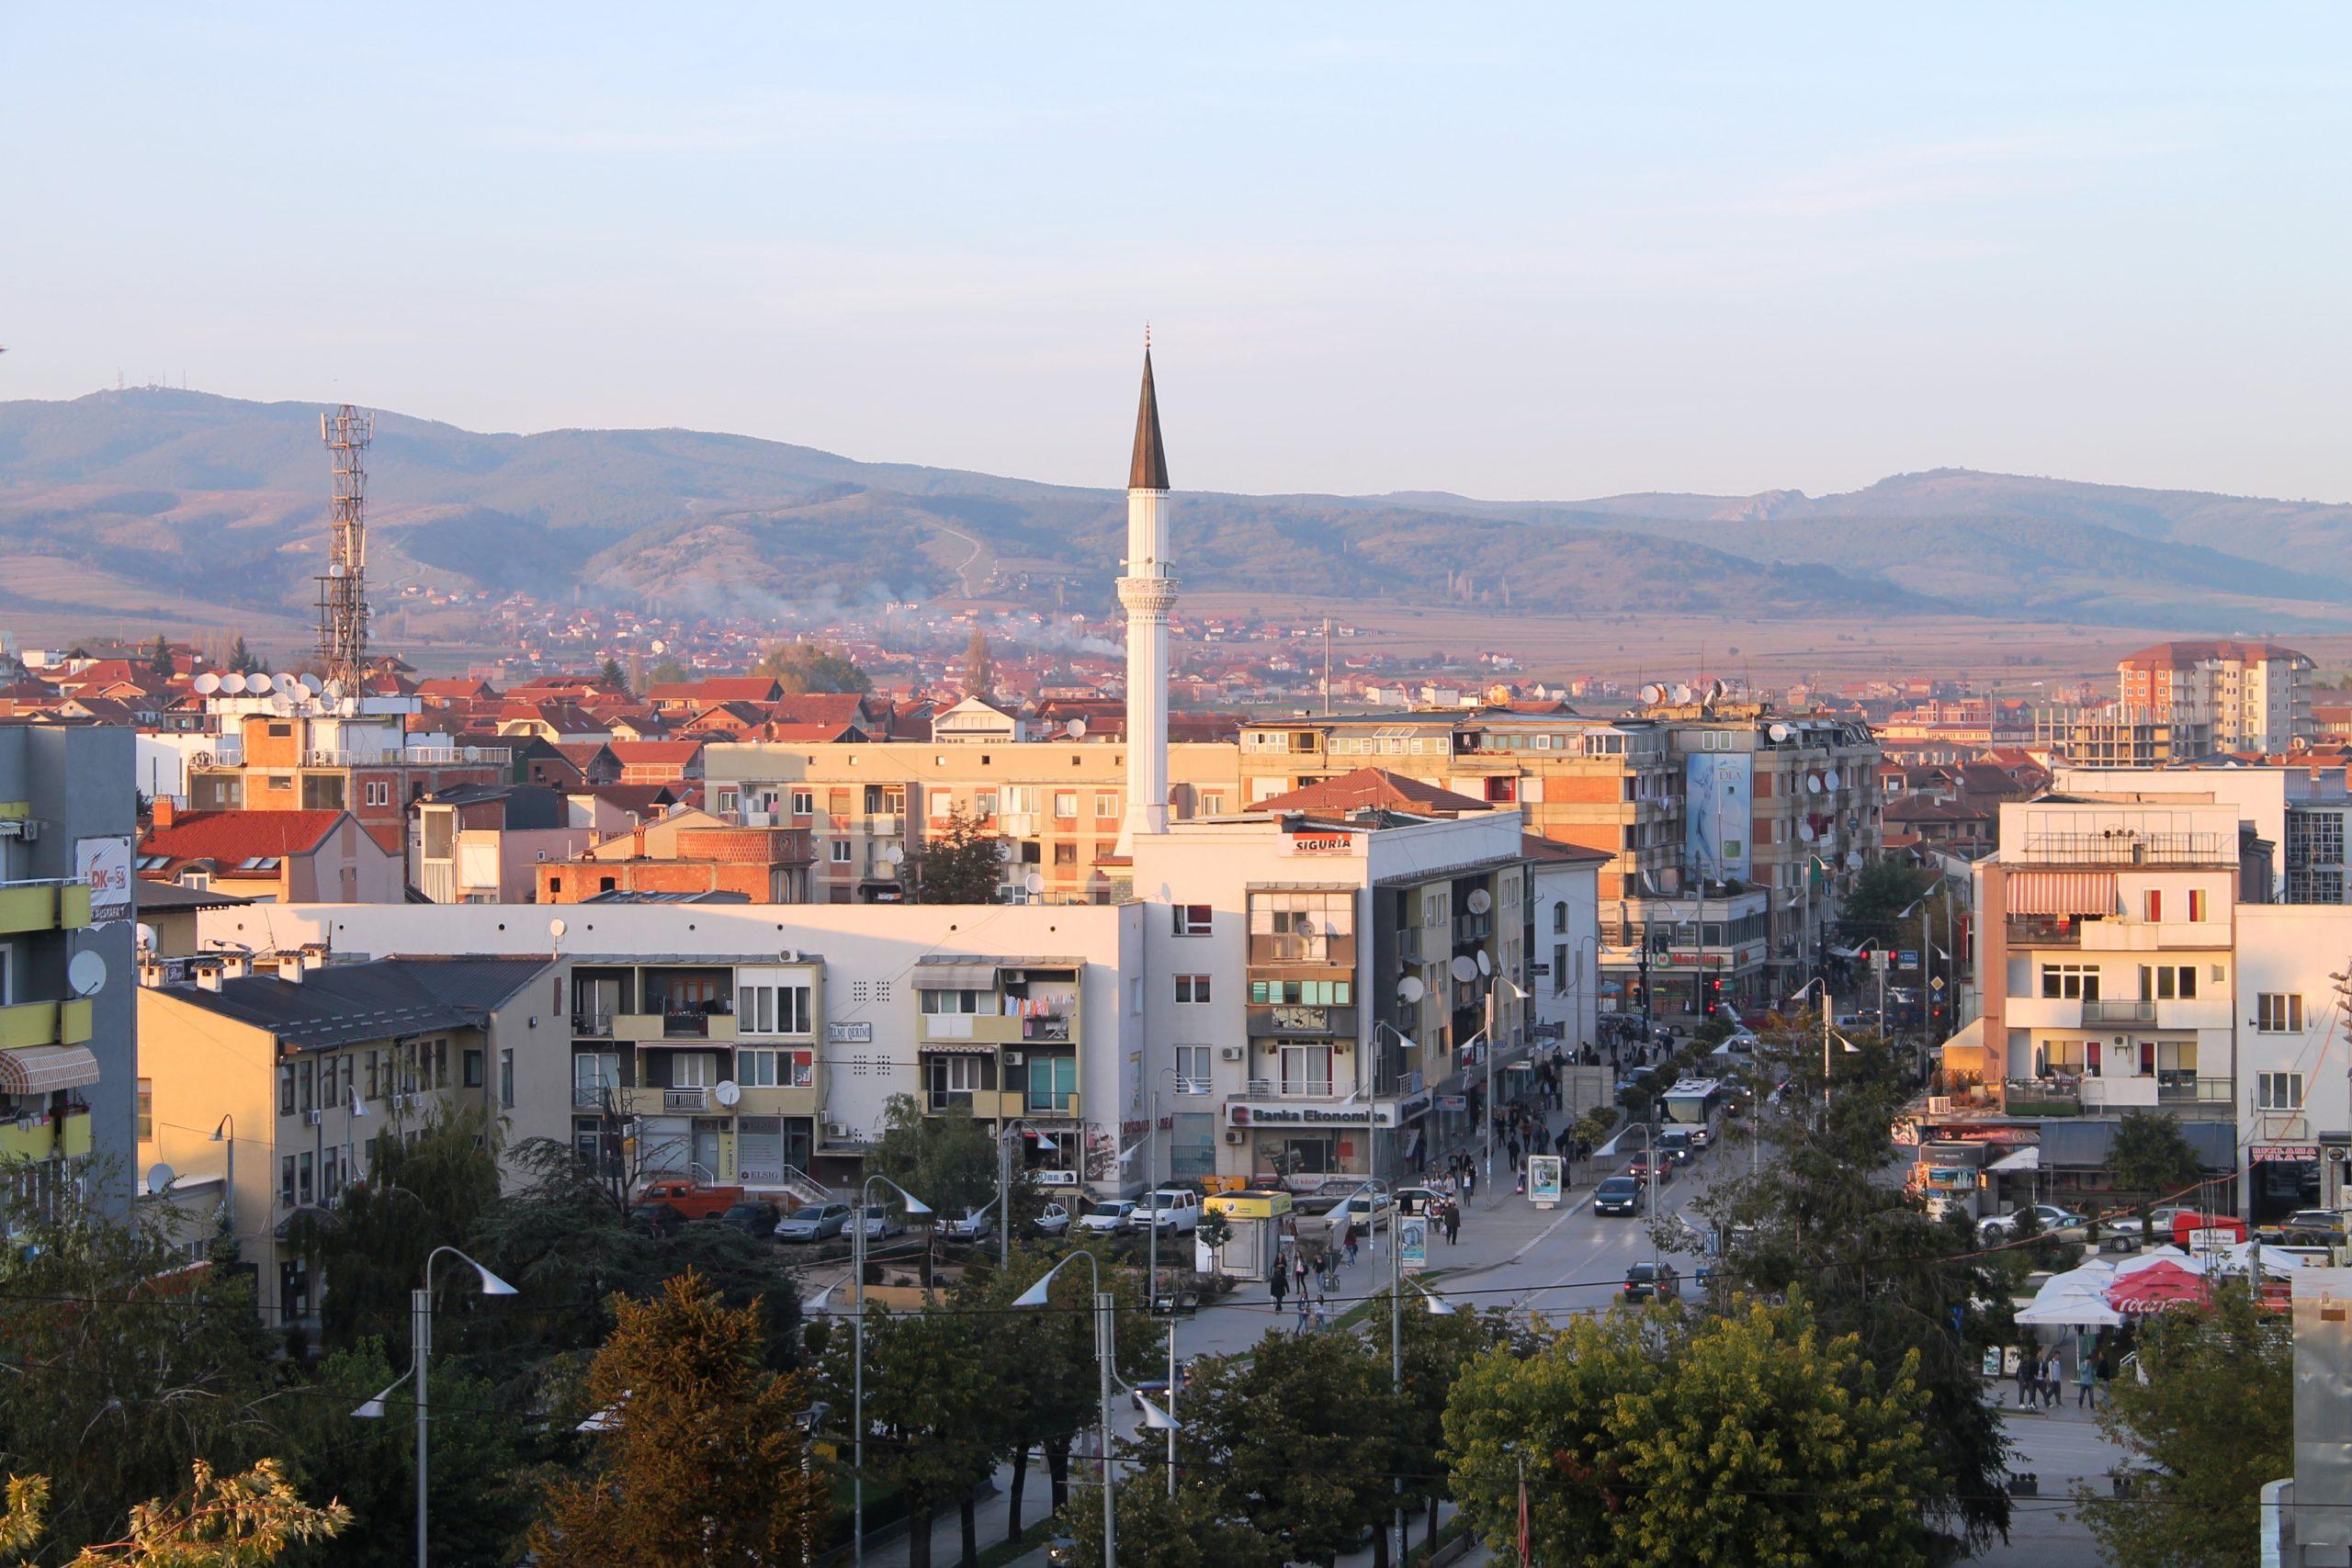 Vidhen një sasi e konsiderueshme parash në një xhami në Gjilan